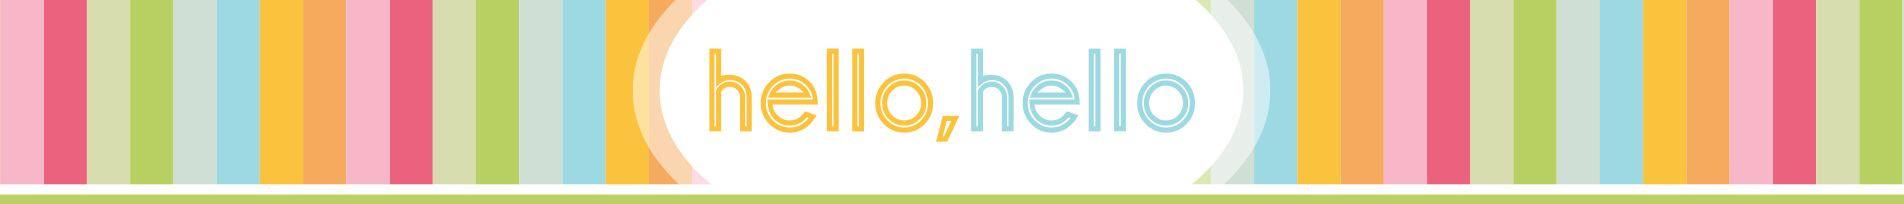 June 2014 SC Hello Hello Reveal Header photo JUNE-Reveal_header_zps4e1c6d14.jpg